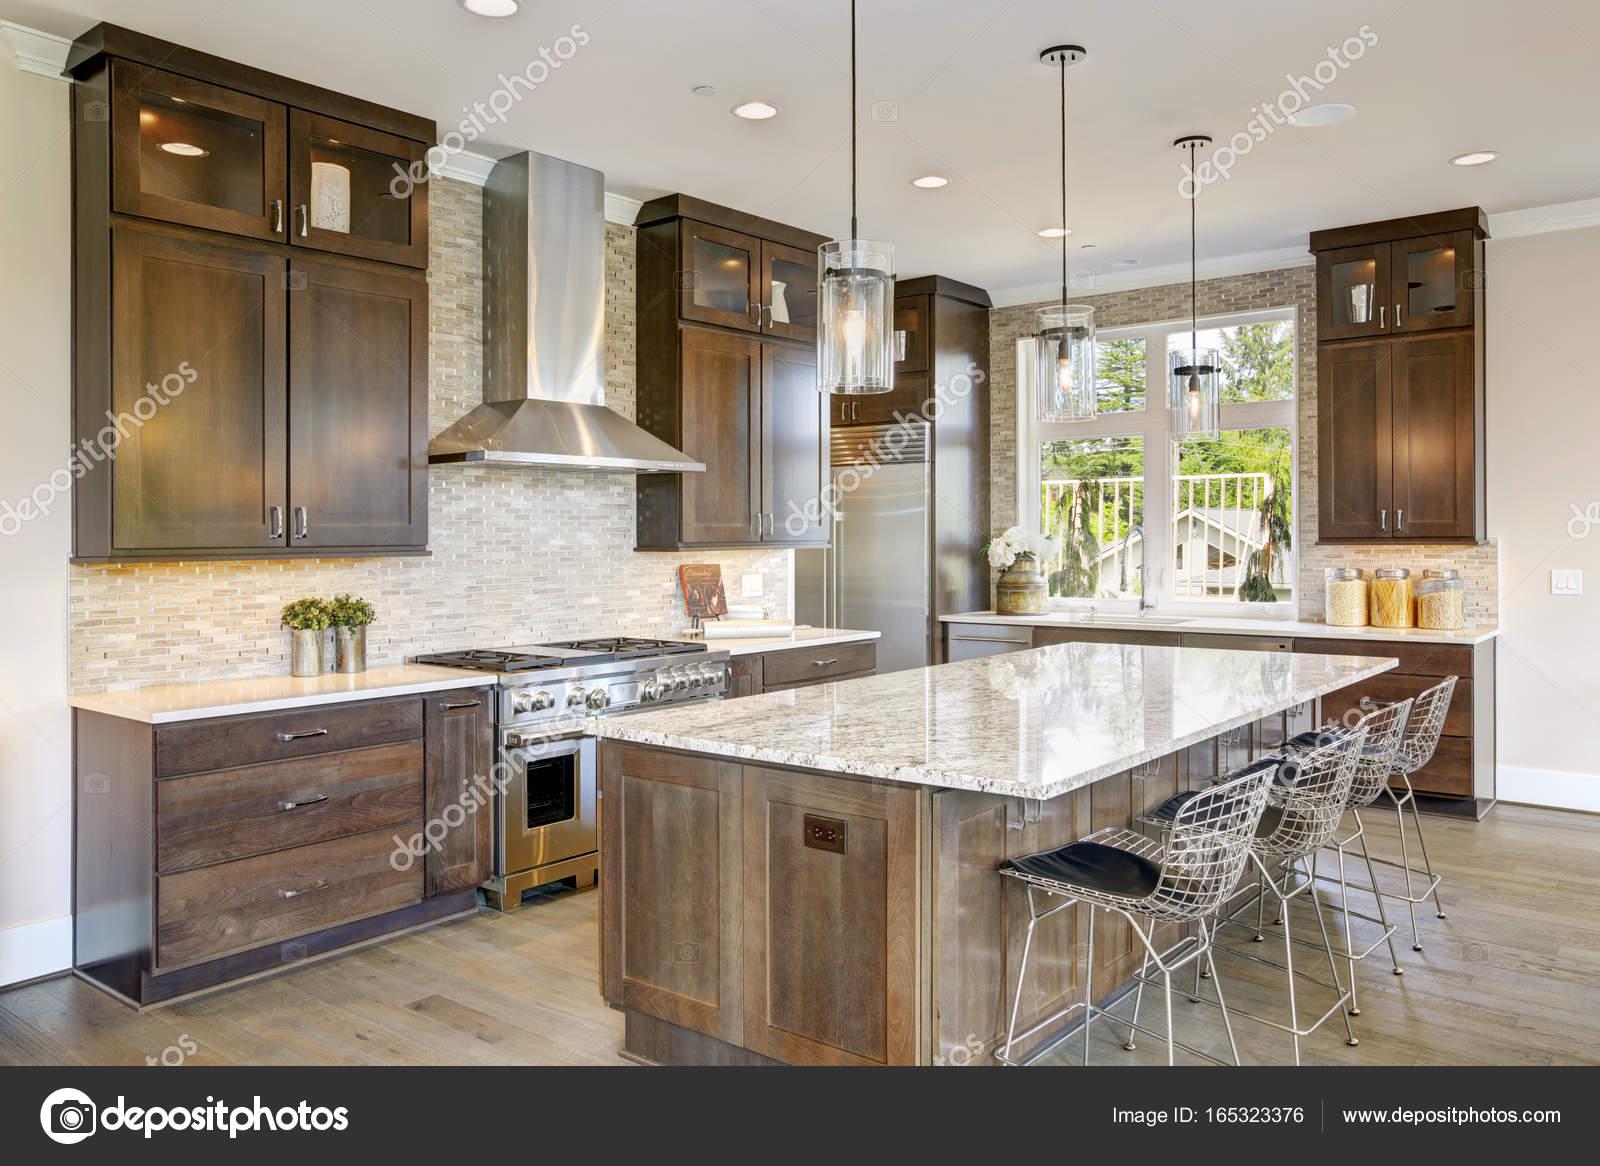 Cozinha De Luxo Em Uma Constru O Nova Em Casa Stock Photo